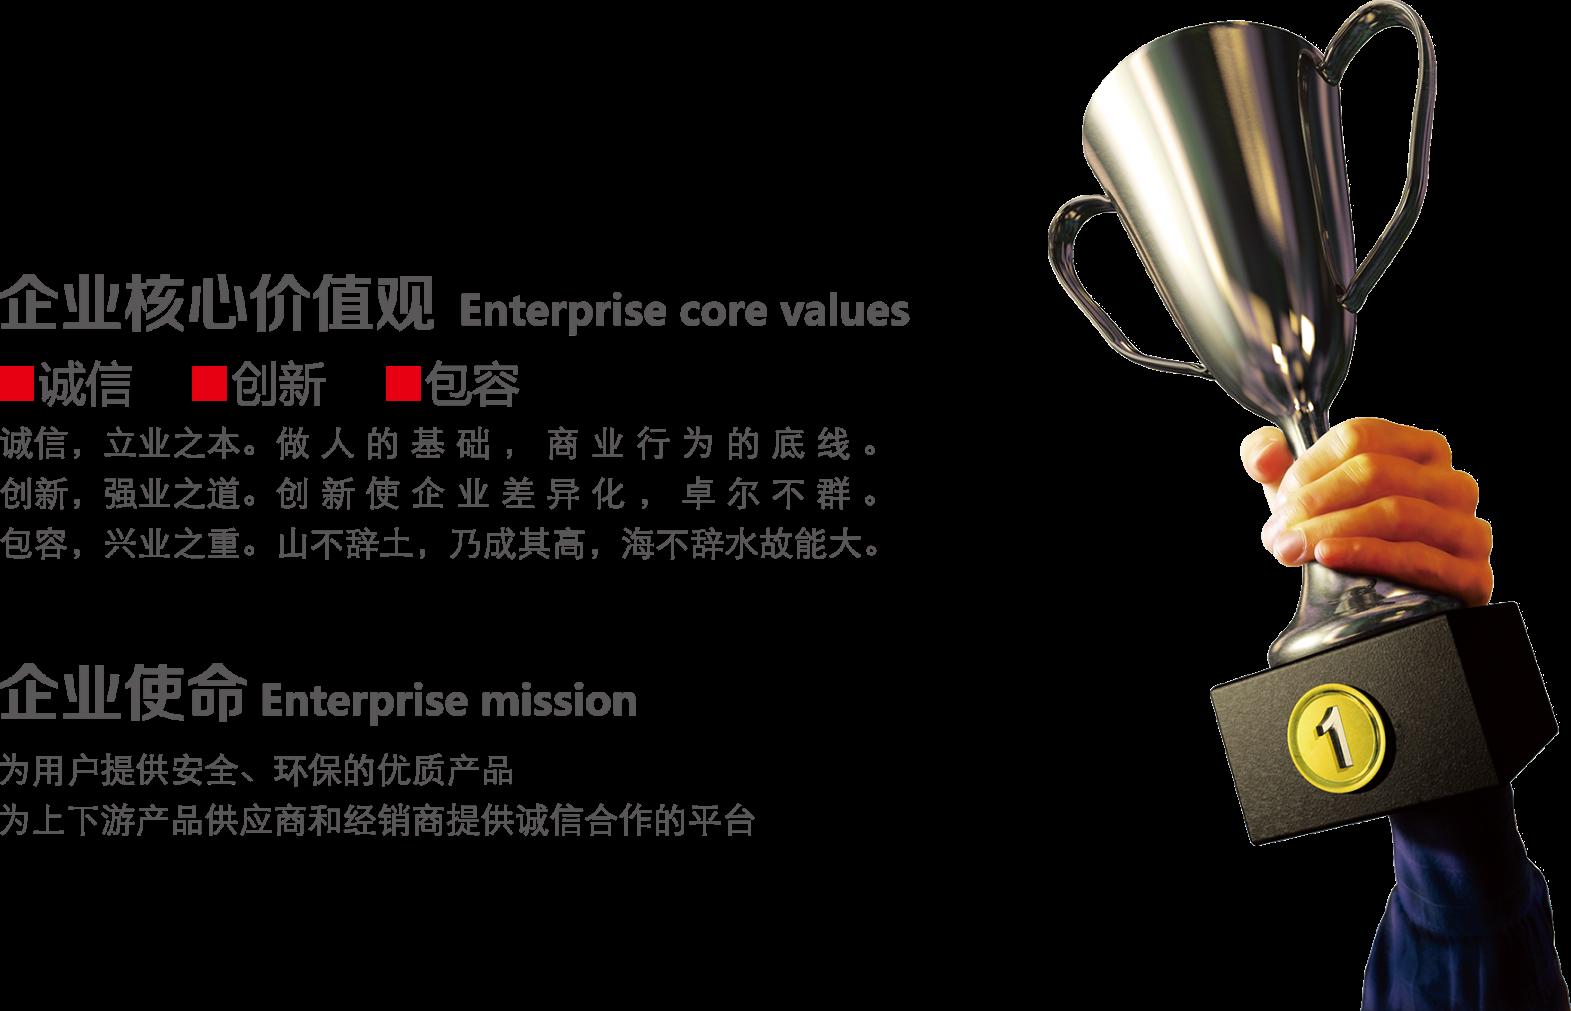 淄博中矿核心价值观和使命